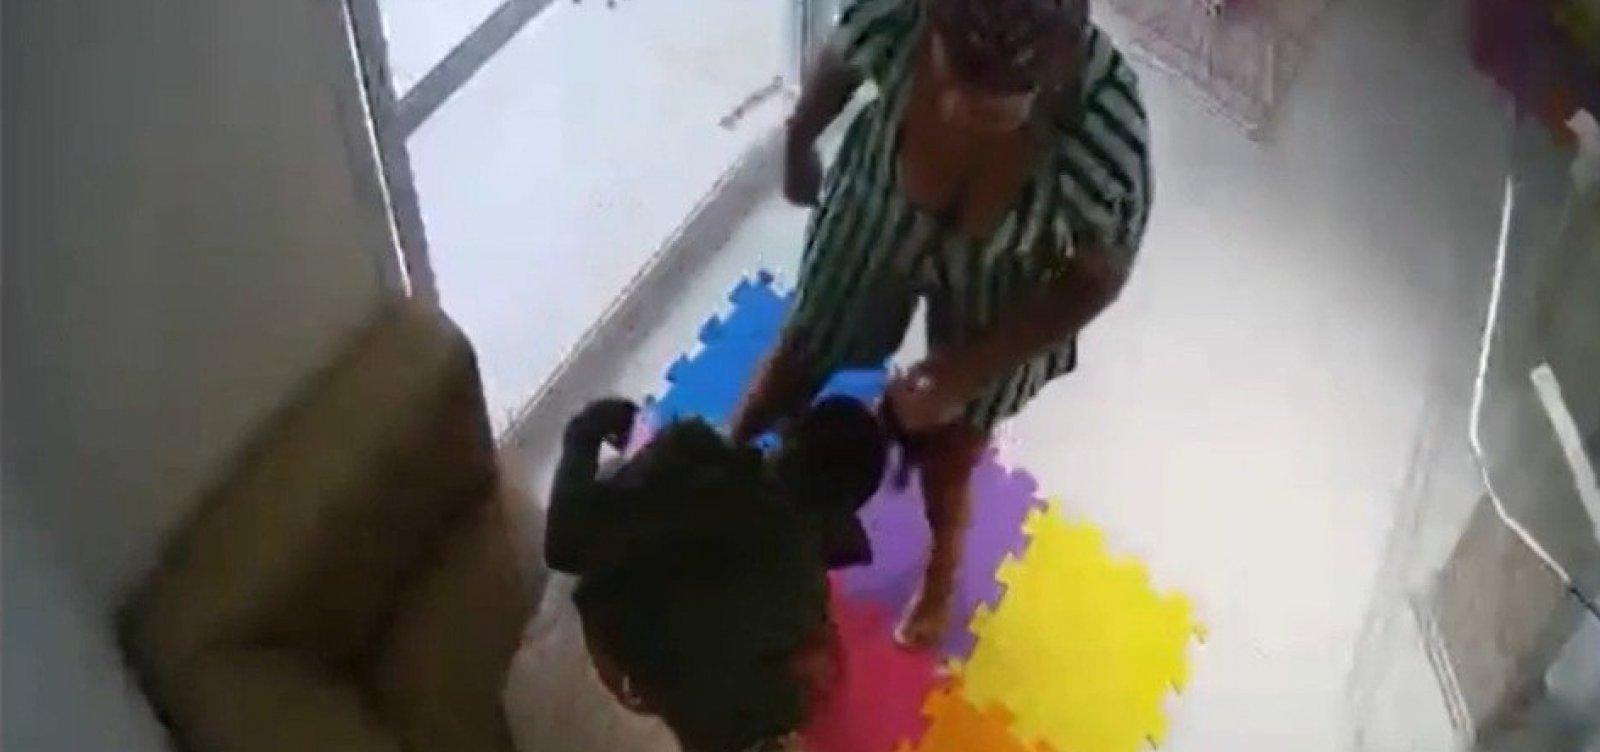 Jusitça determina que investigada por agredir babá use tornozeleira eletrônica